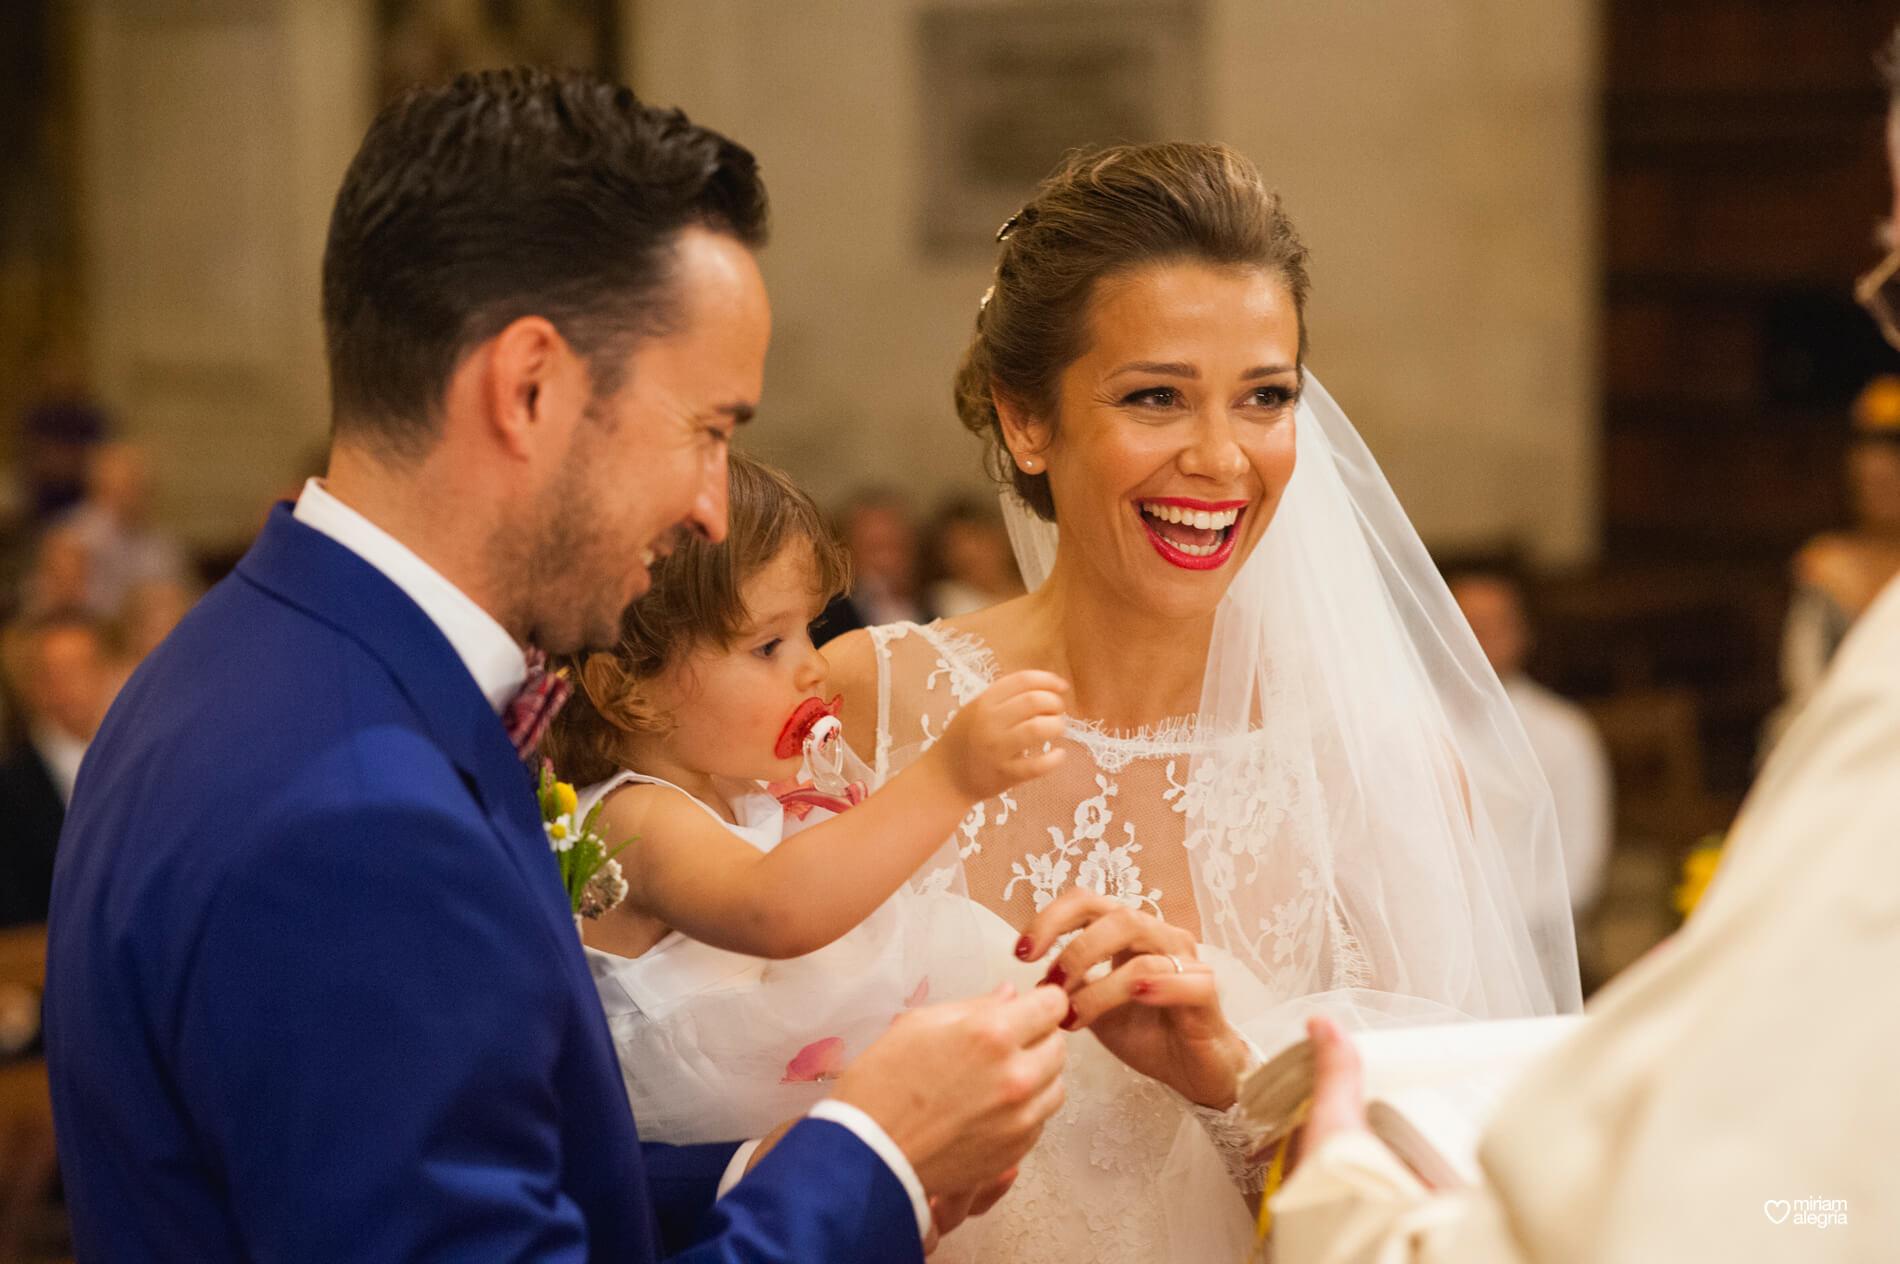 wedding-huerto-del-cura-elche-miriam-alegria-fotografos-boda-226